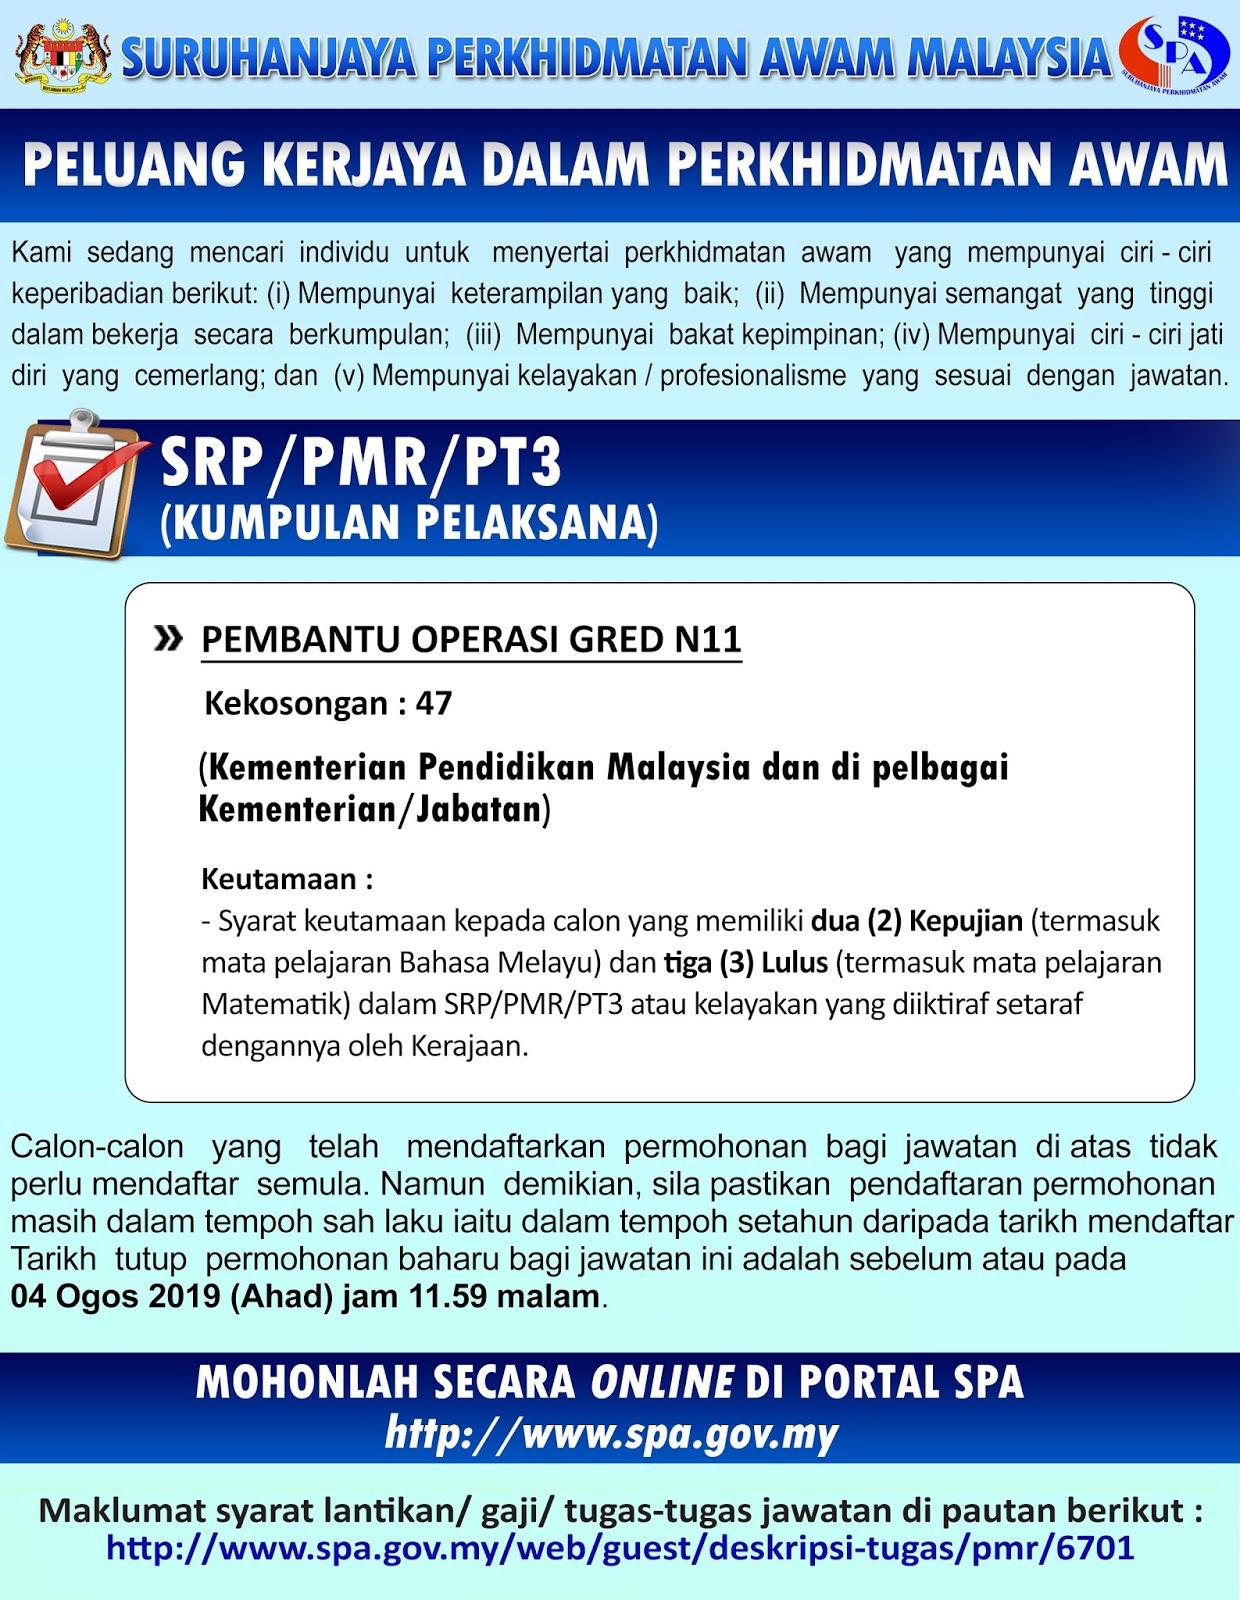 Jawatan Kosong Pembantu Operasi Di Kementerian Pendidikan Malaysia 2019